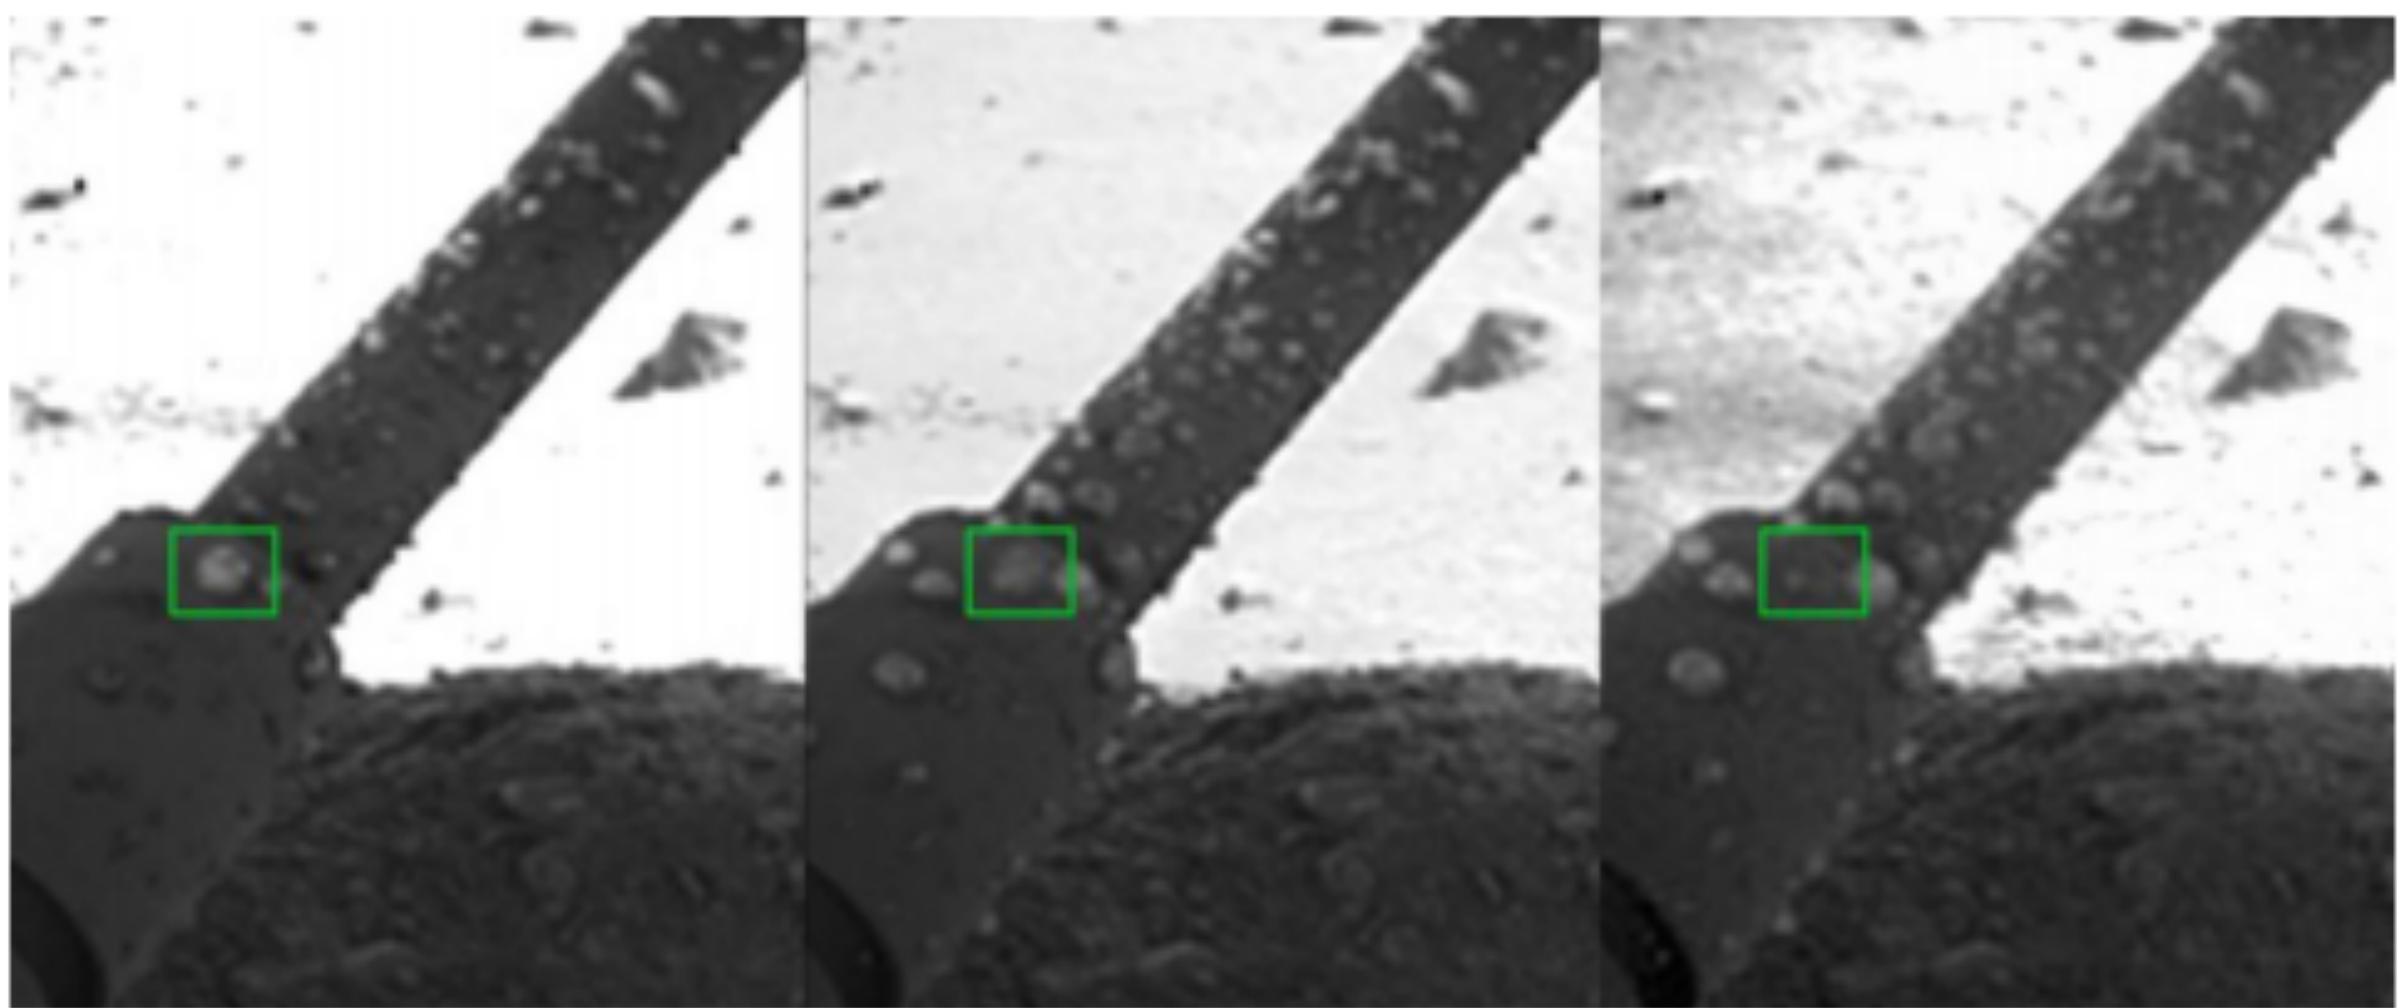 تصاویر قطرات آب مایع بر روی پایه های مریخ نورد فینکس لندر